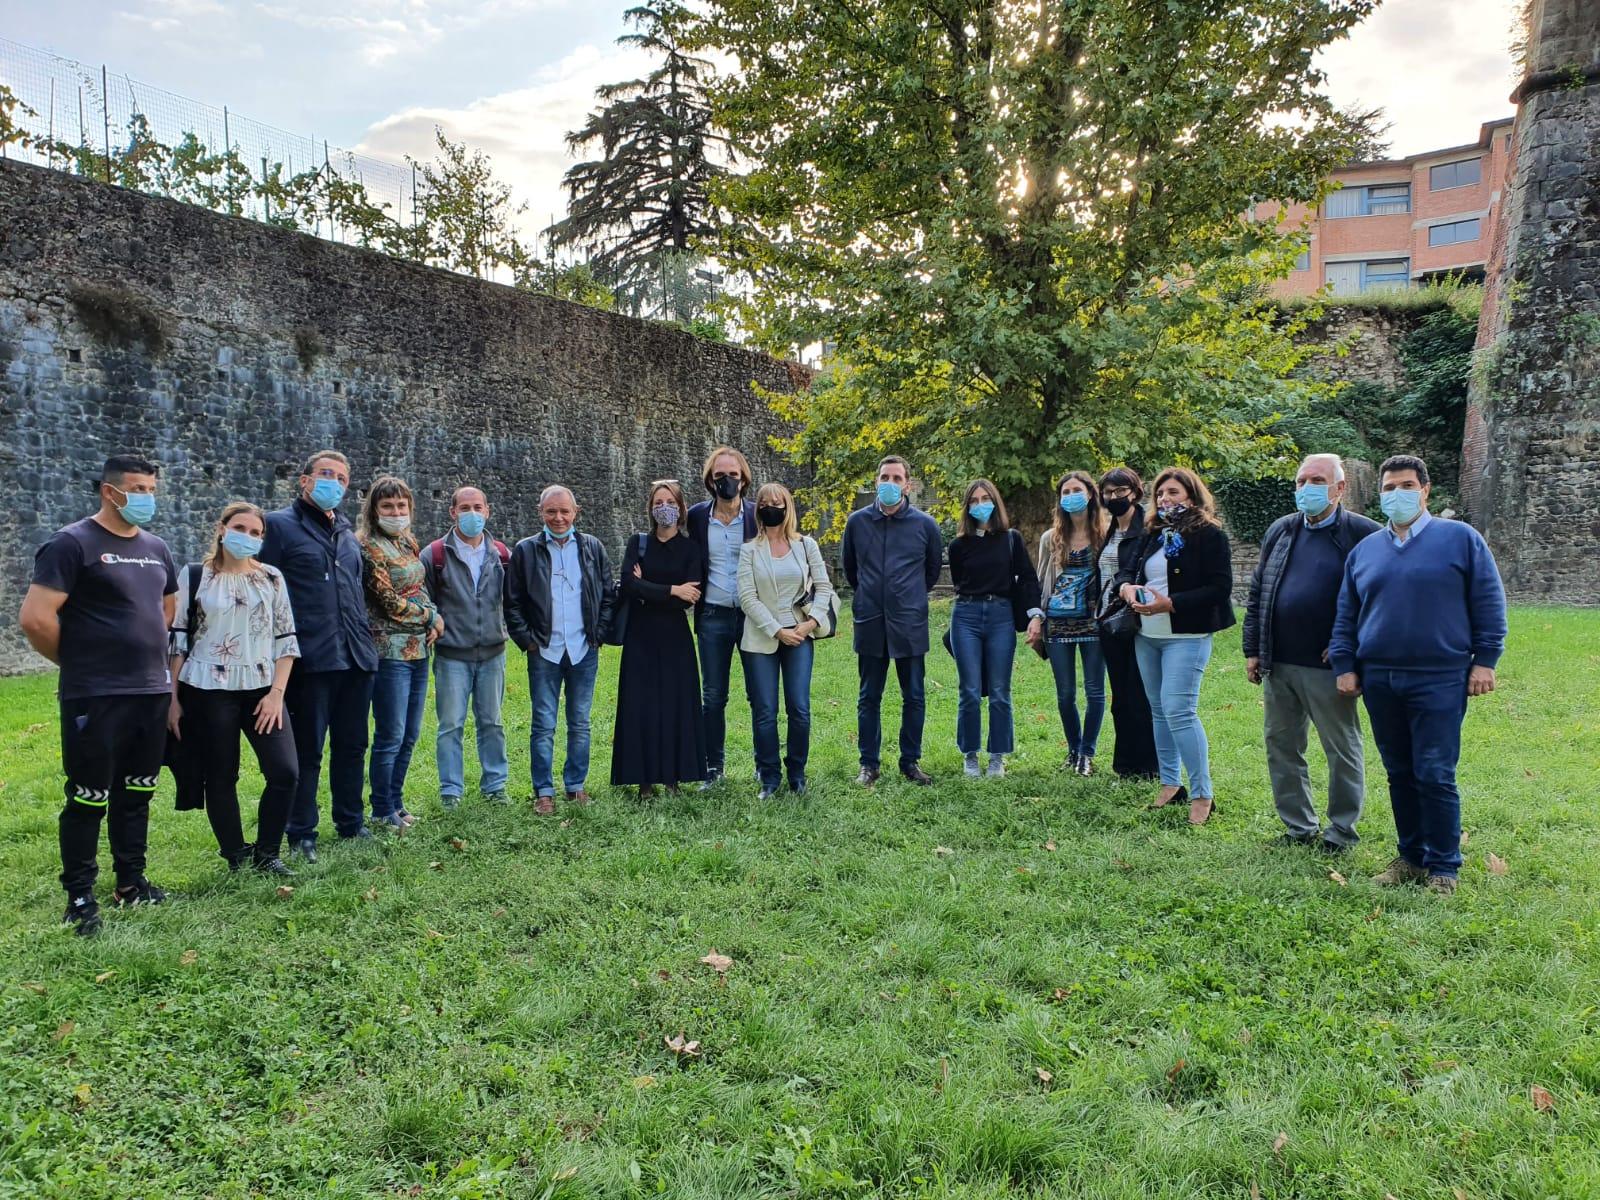 L'inaugurazione del Giardino in adozione a Pistoia, realizzato grazie al progetto Mef